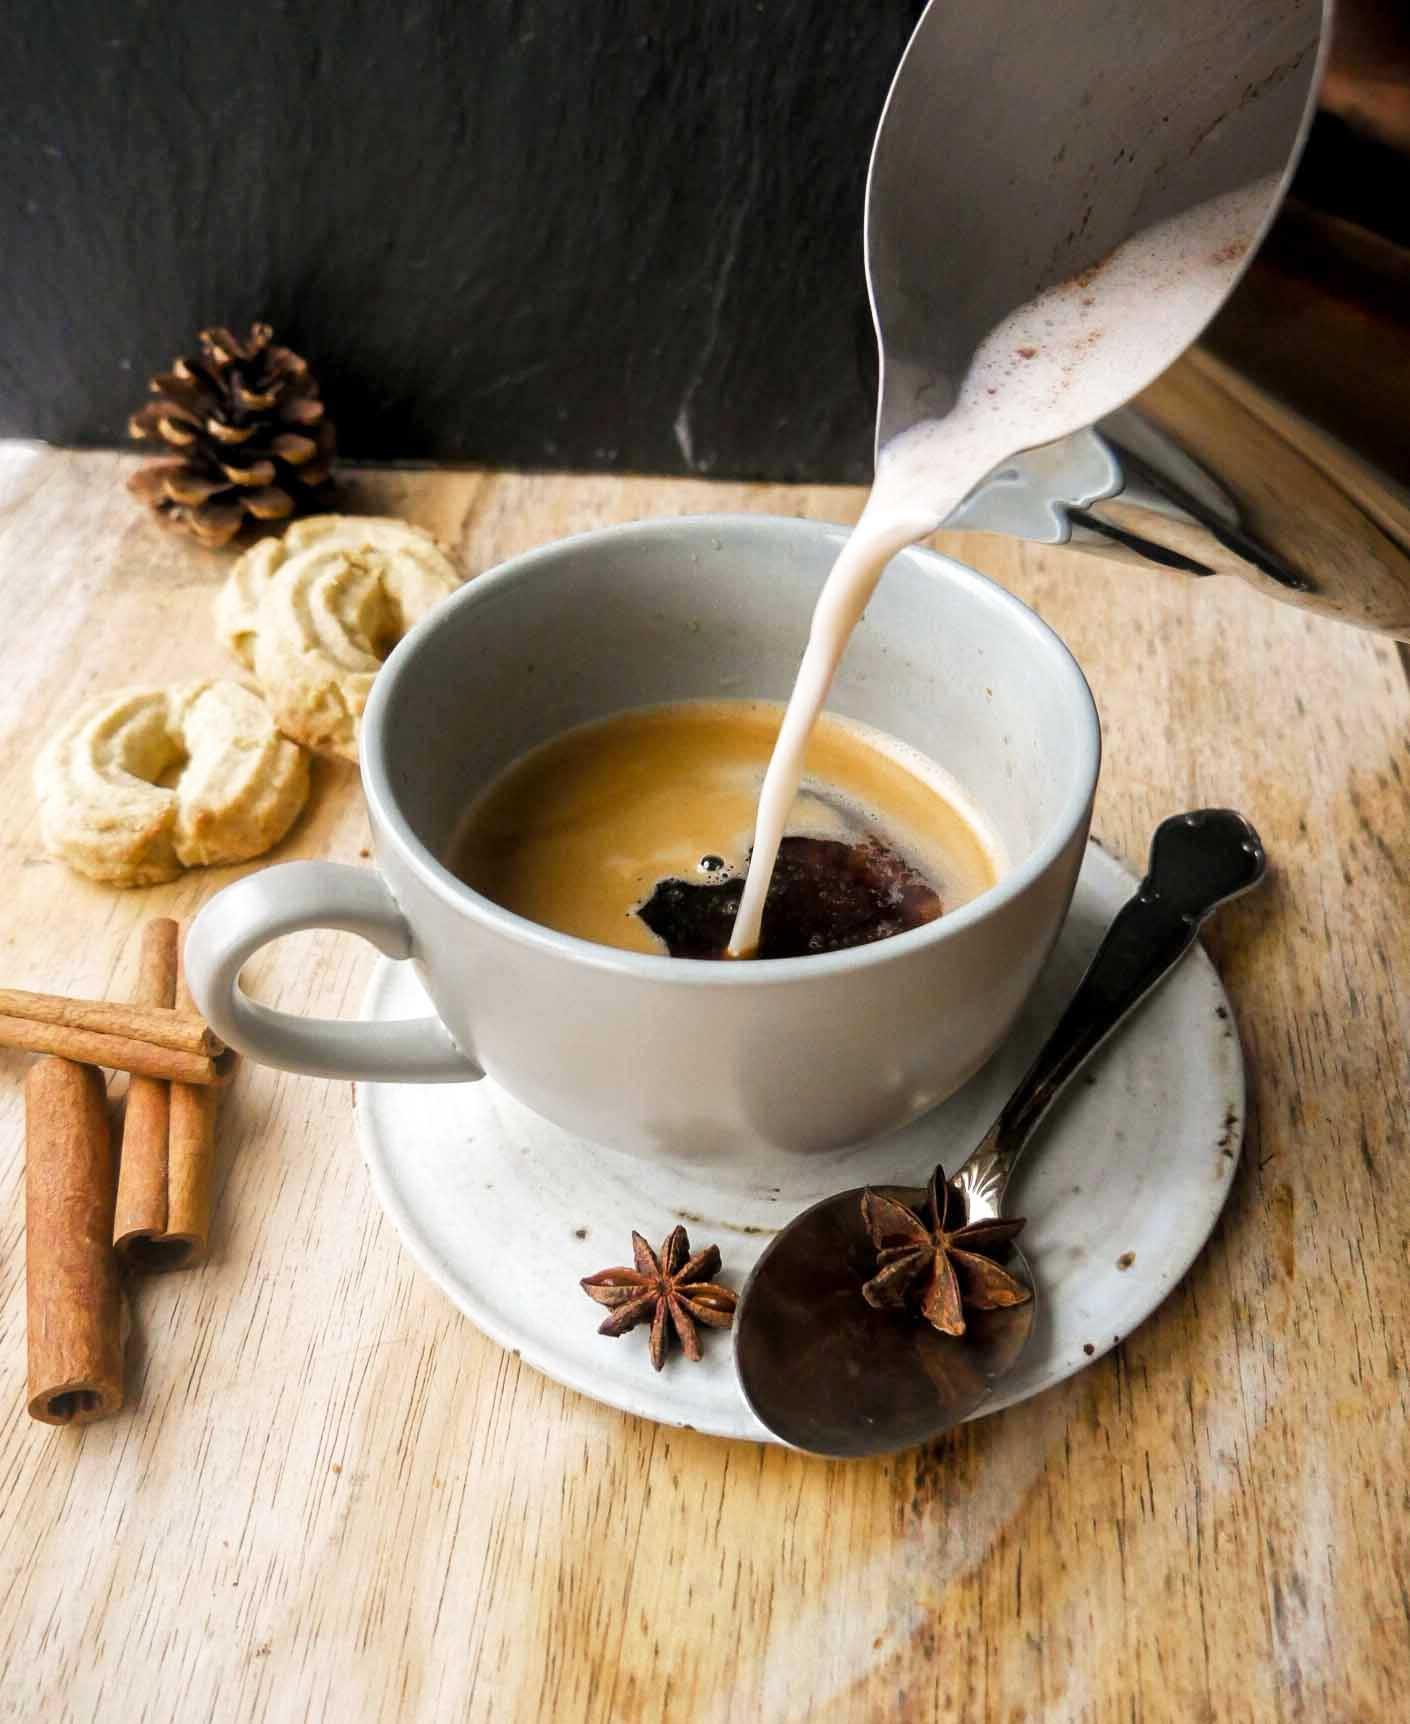 havremælk til kaffen vælg også andre plantemælk